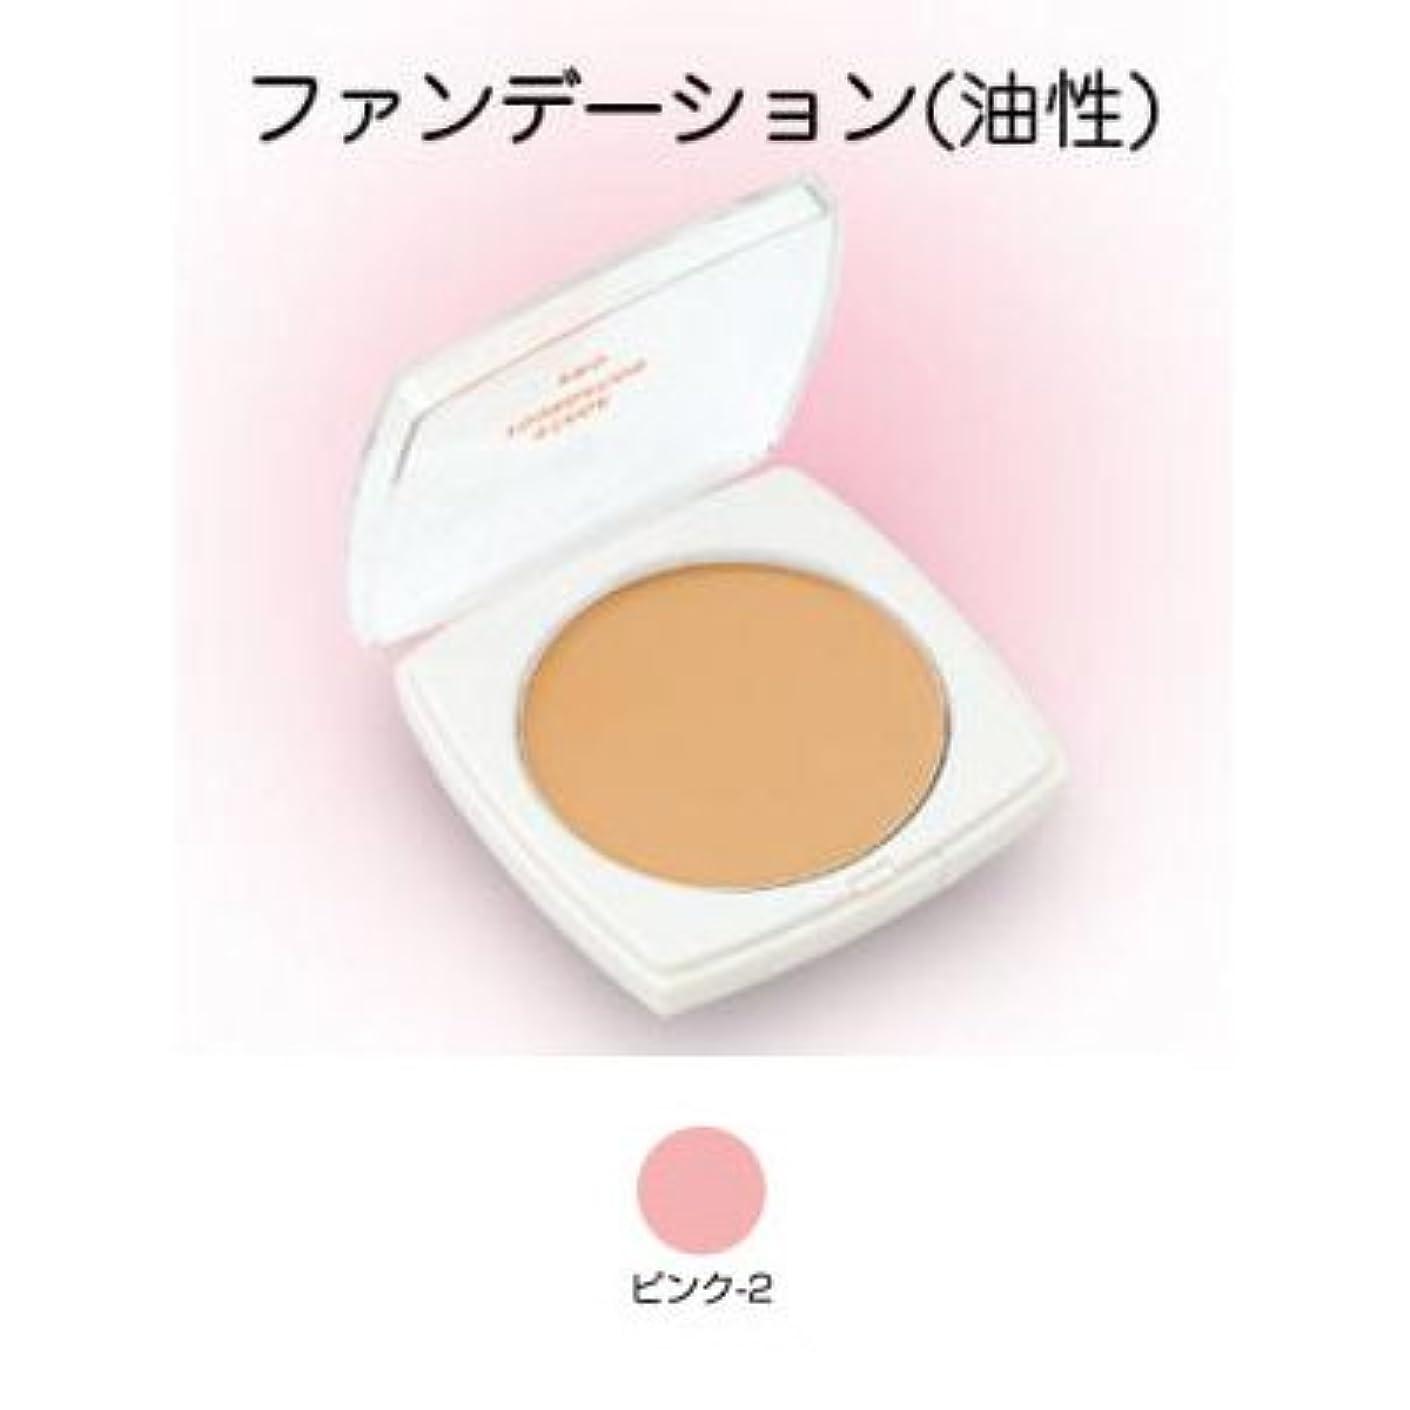 革新気楽な時代ステージファンデーション プロ 13g ピンク-2 【三善】